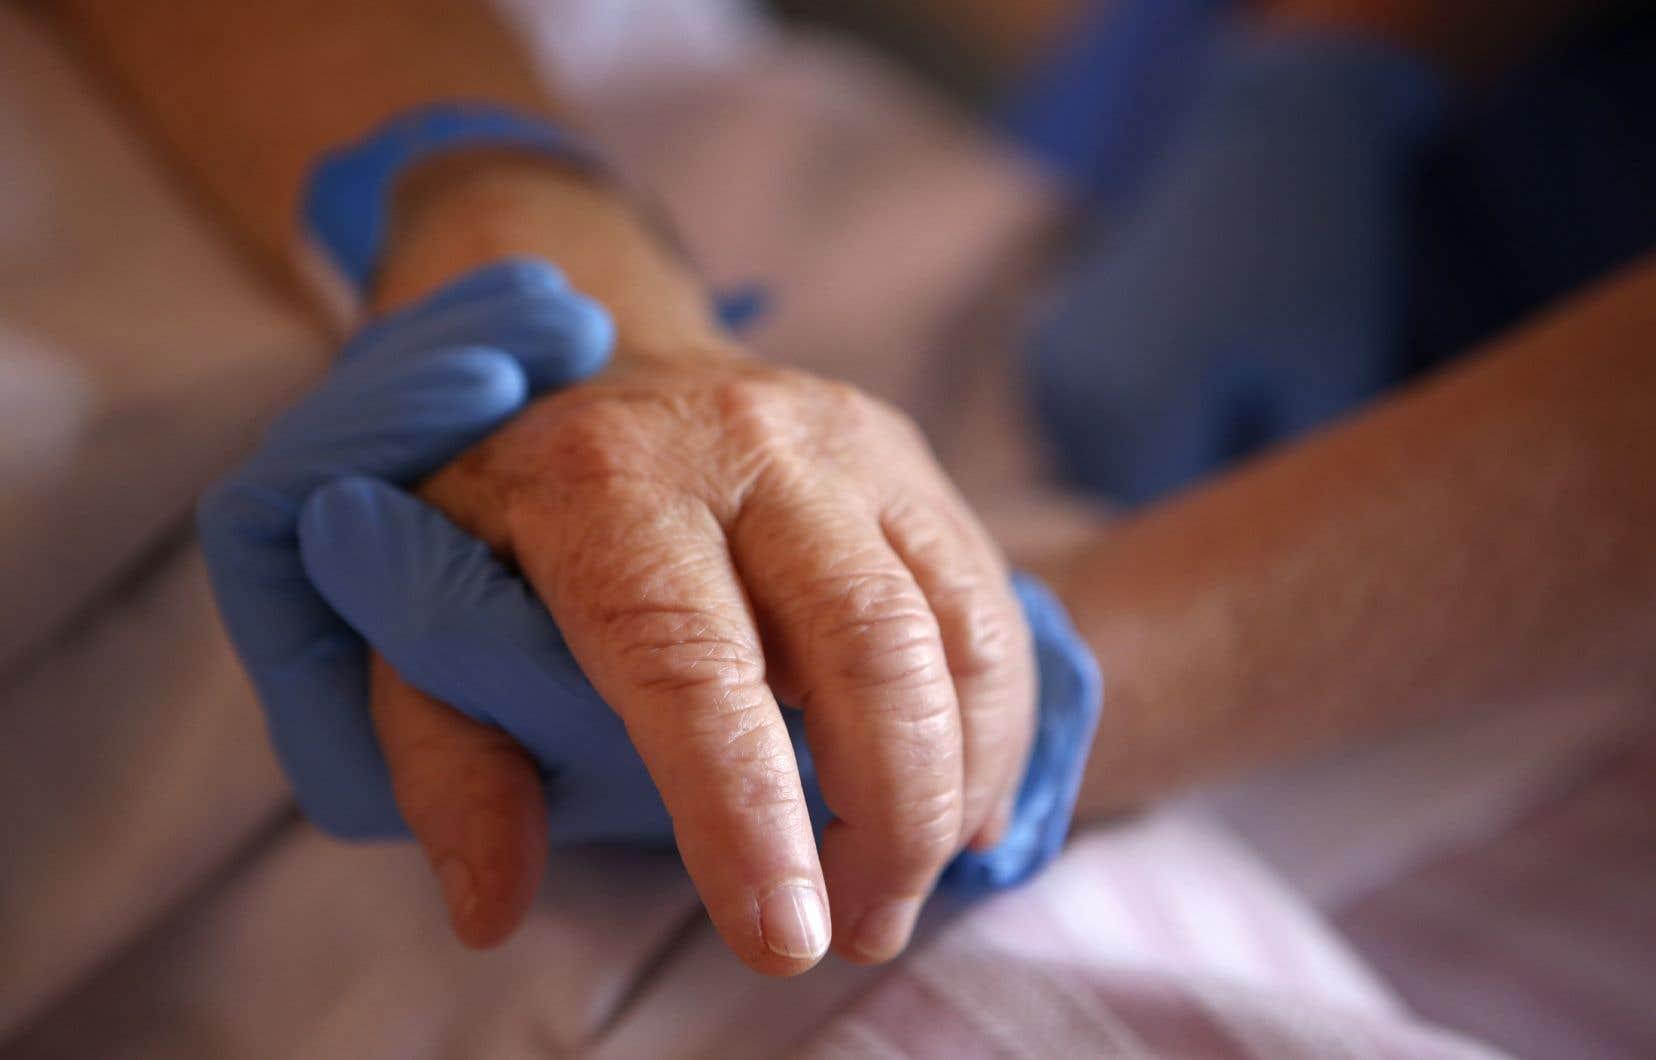 «Je souhaite que notre société se souvienne des dysfonctionnements majeurs que la crise nous a dévoilés à propos du traitement réservé aux aînés», écrit l'autrice.